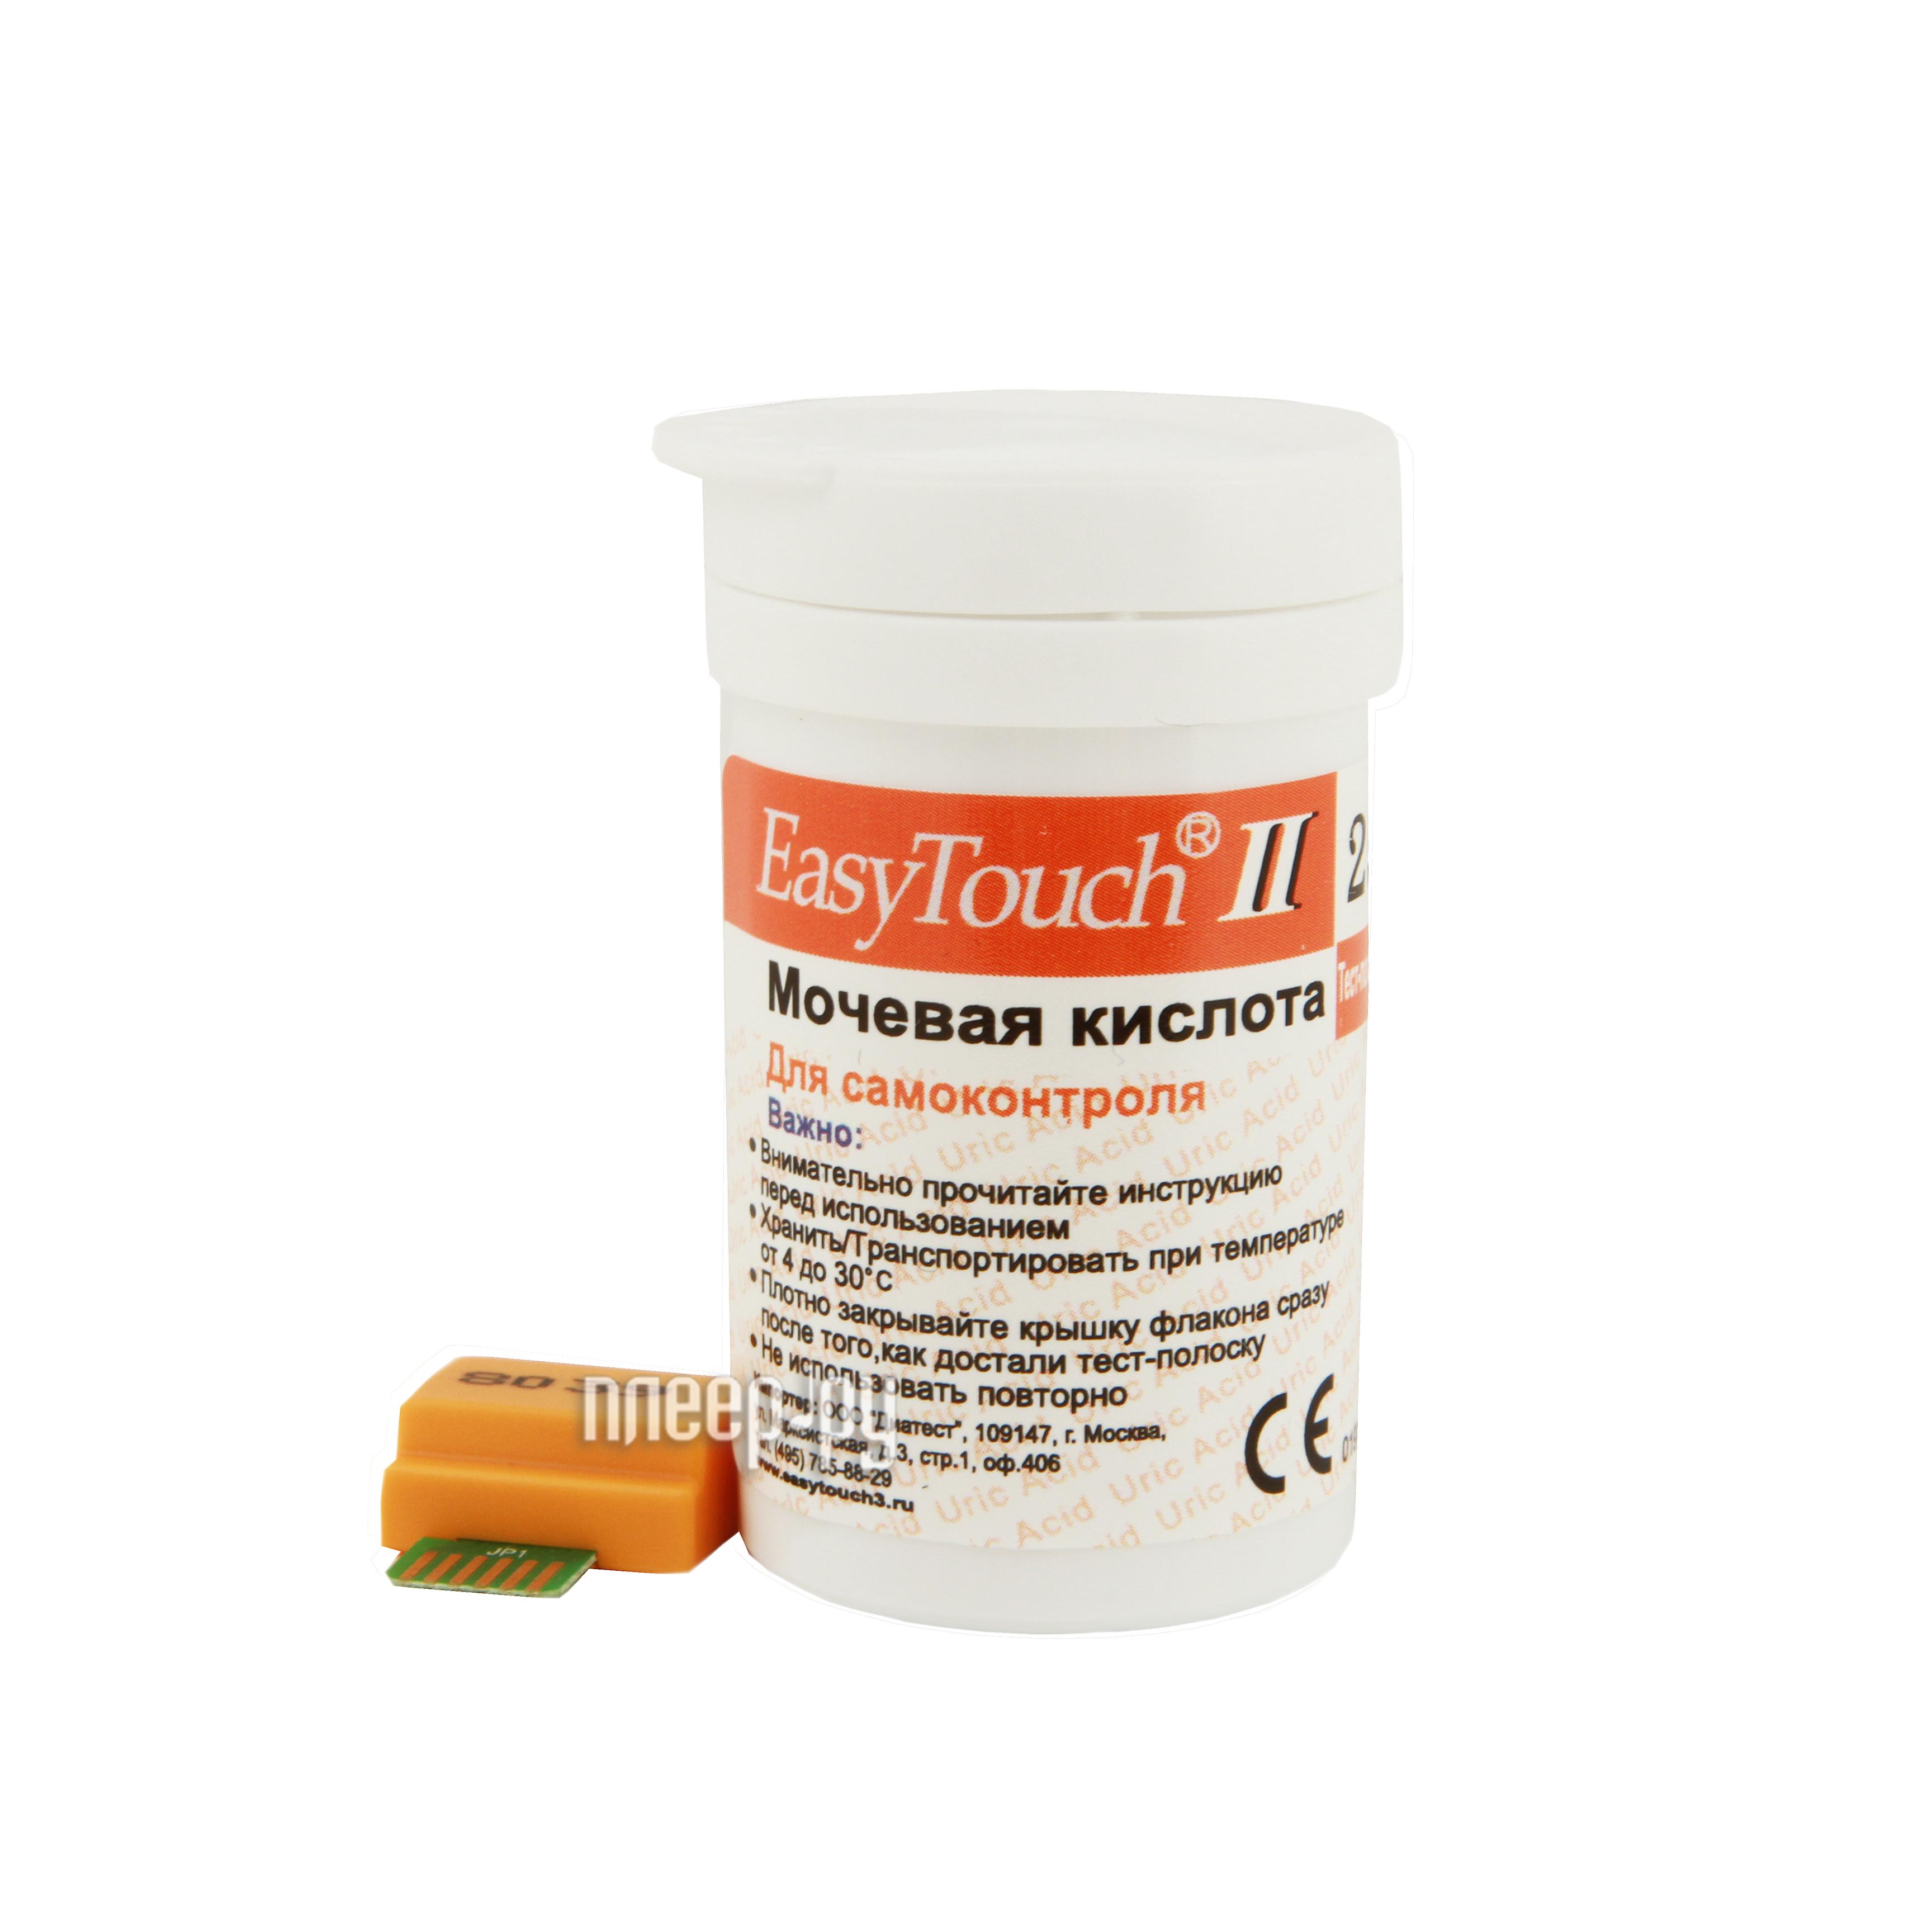 Аксессуар EasyTouch 25шт тест-полоски на мочевую кислоту